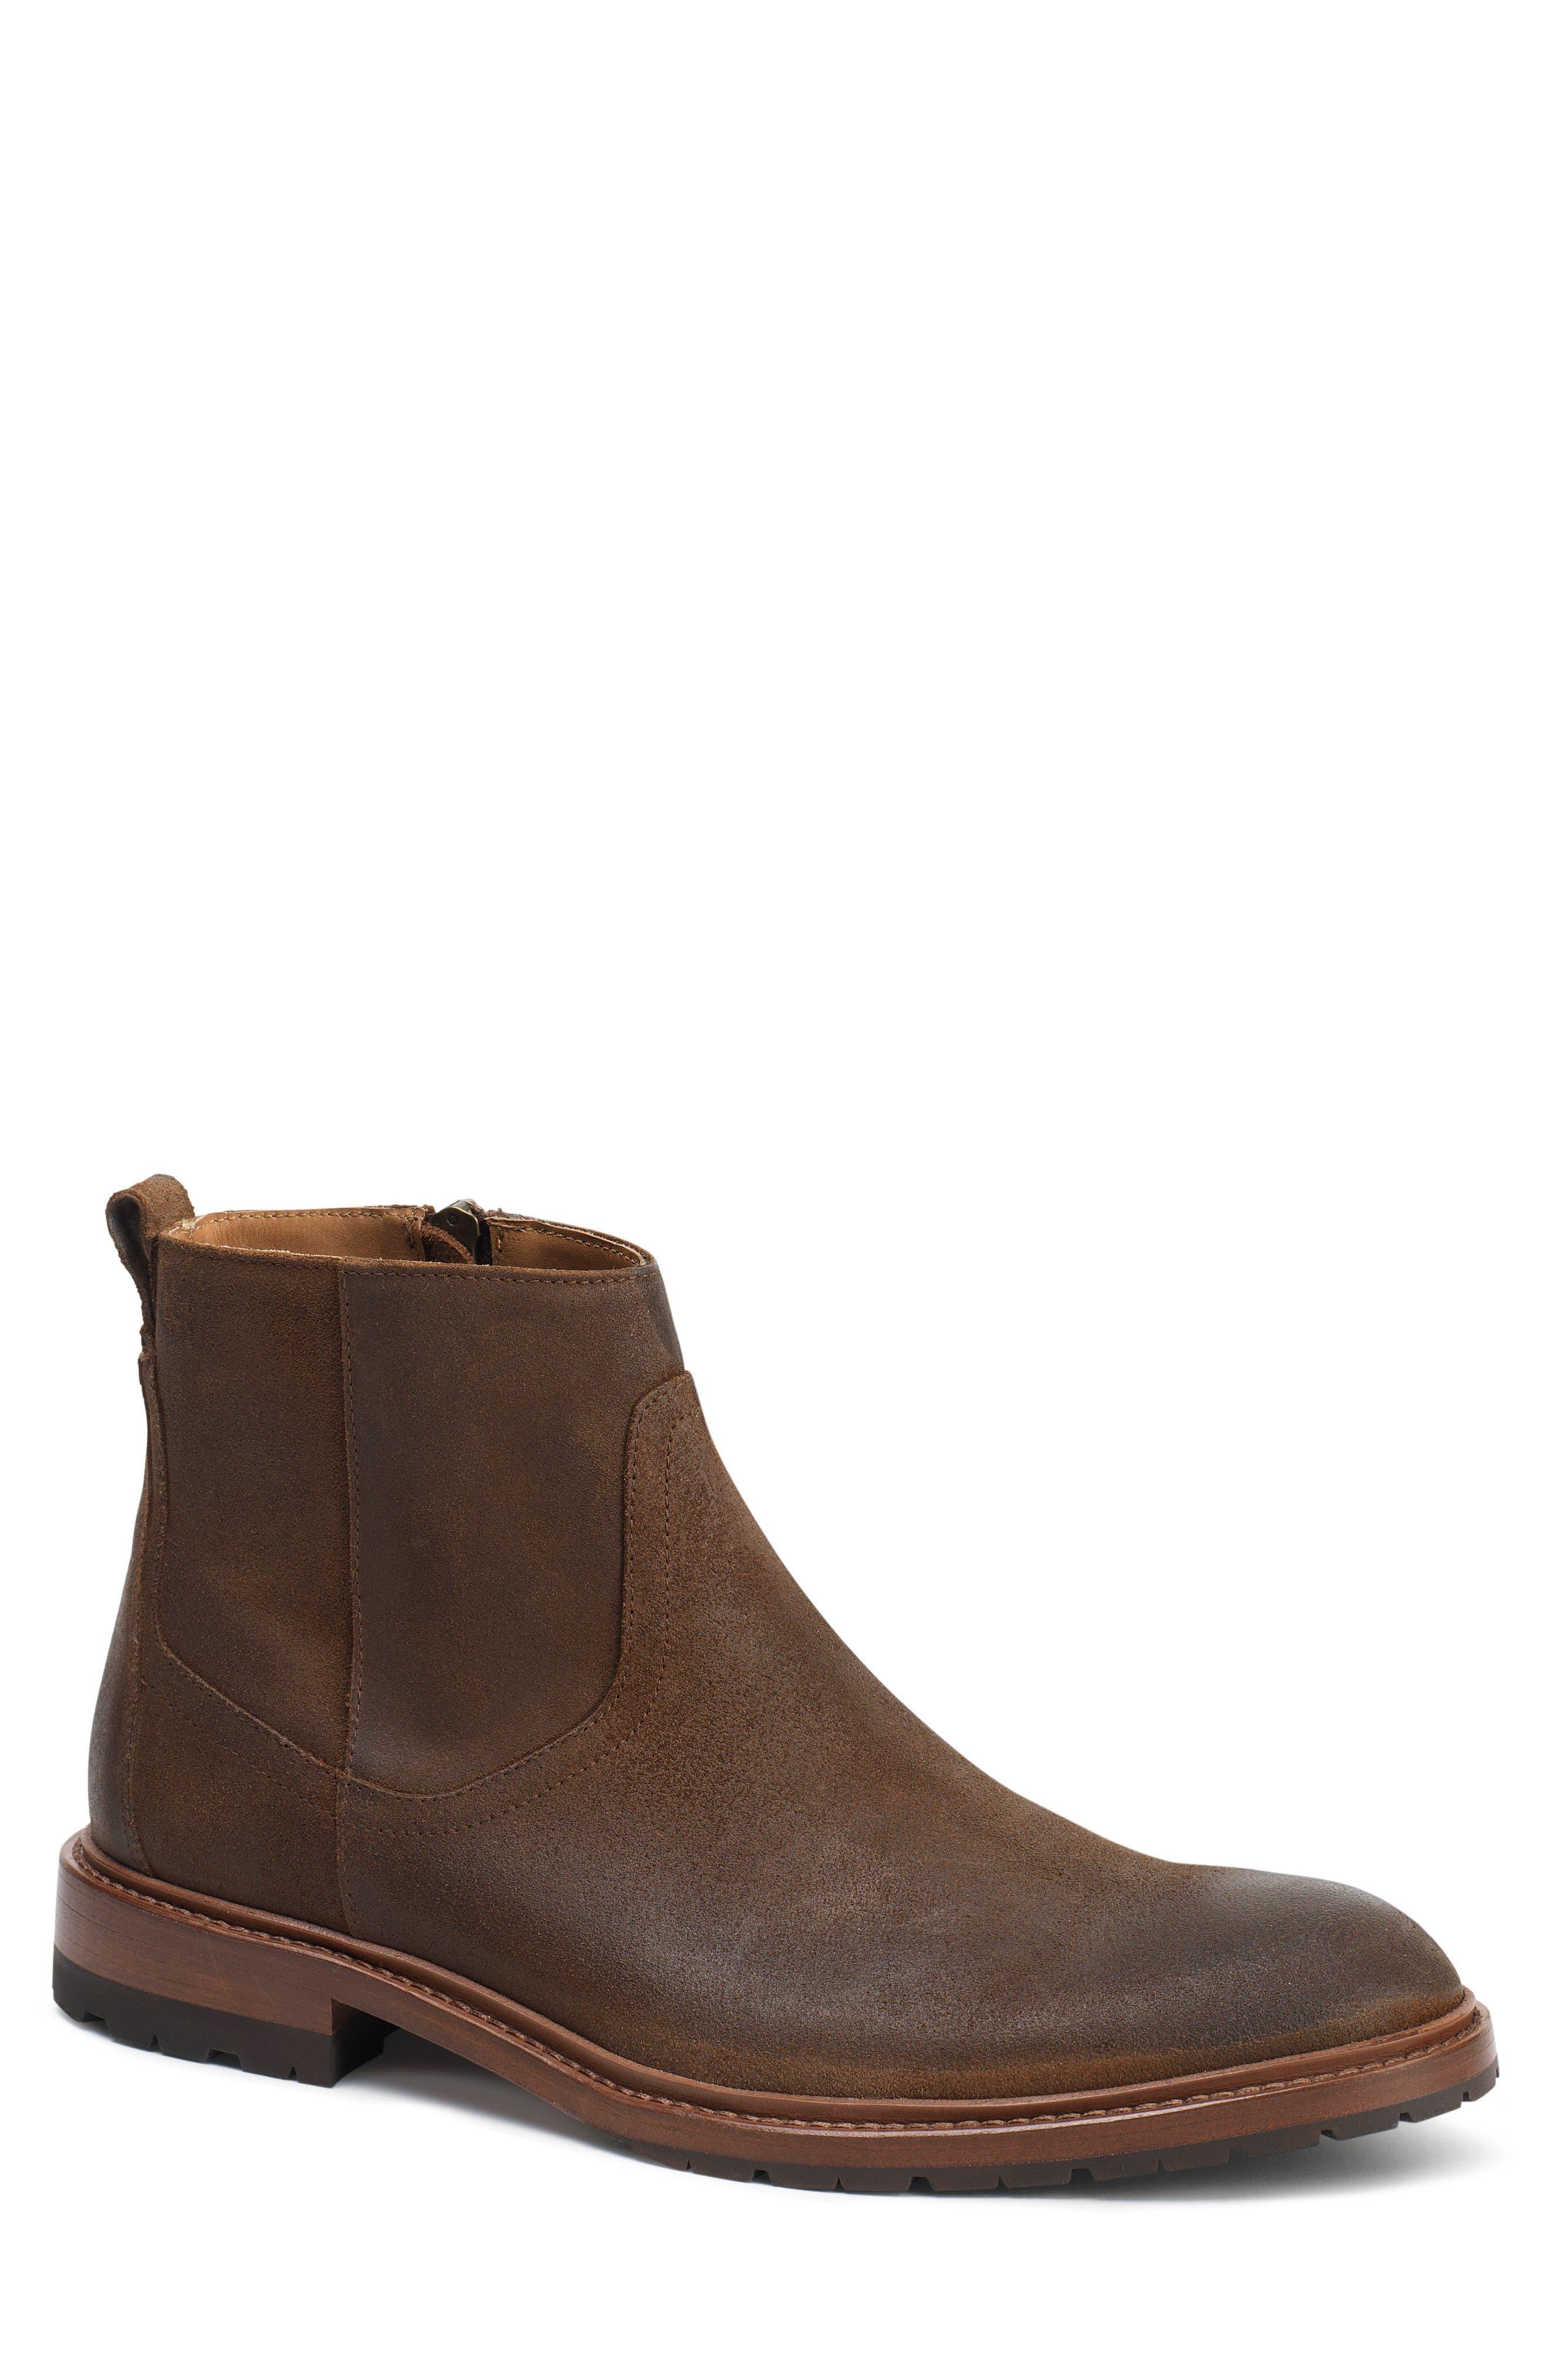 Larkin Zip Boot,                         Main,                         color, Brown Waxed Suede